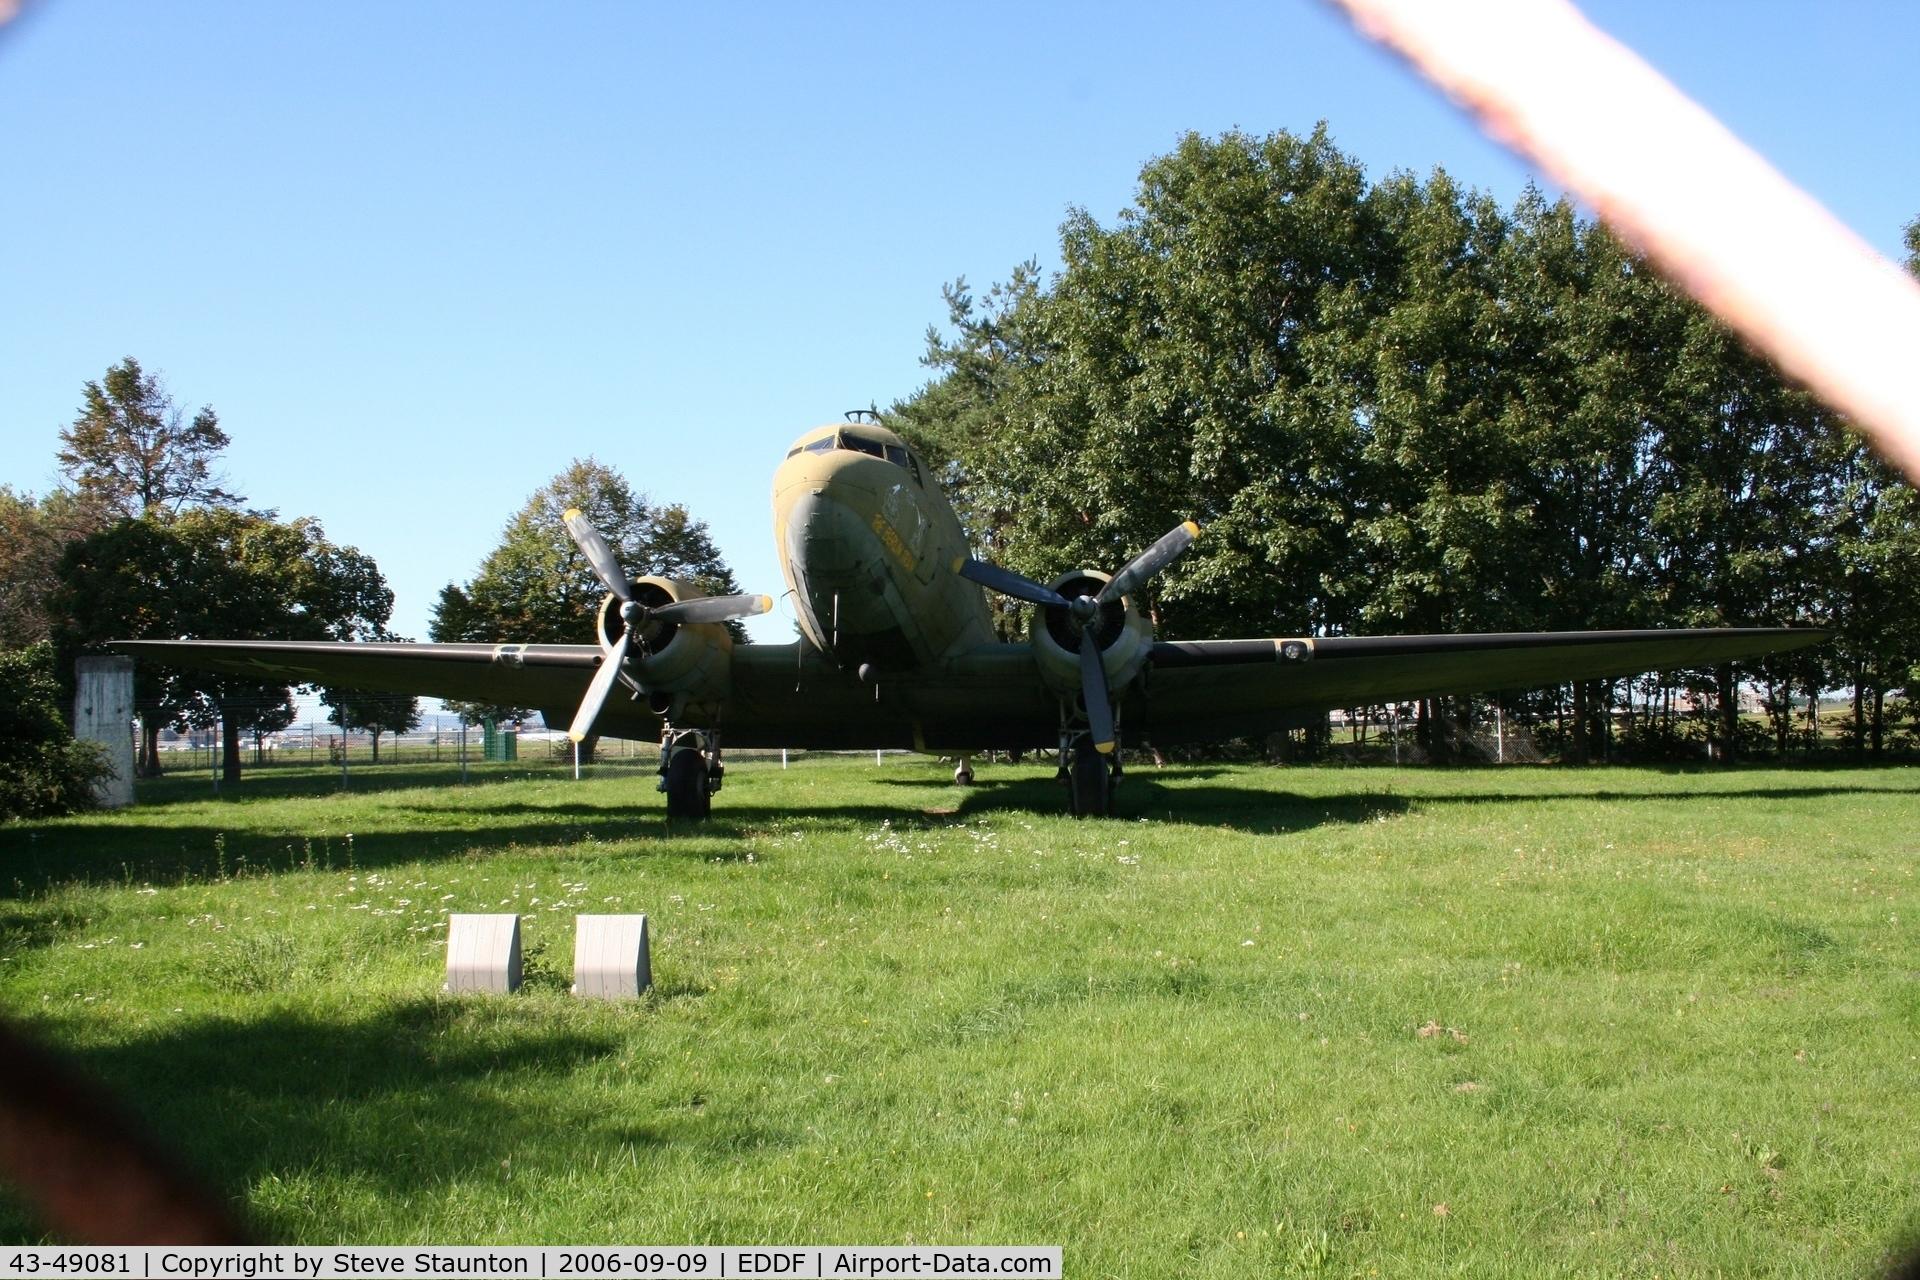 43-49081, 1943 Douglas C-47B Skytrain C/N 14897/26342, Taken at Frankfurt September 2006